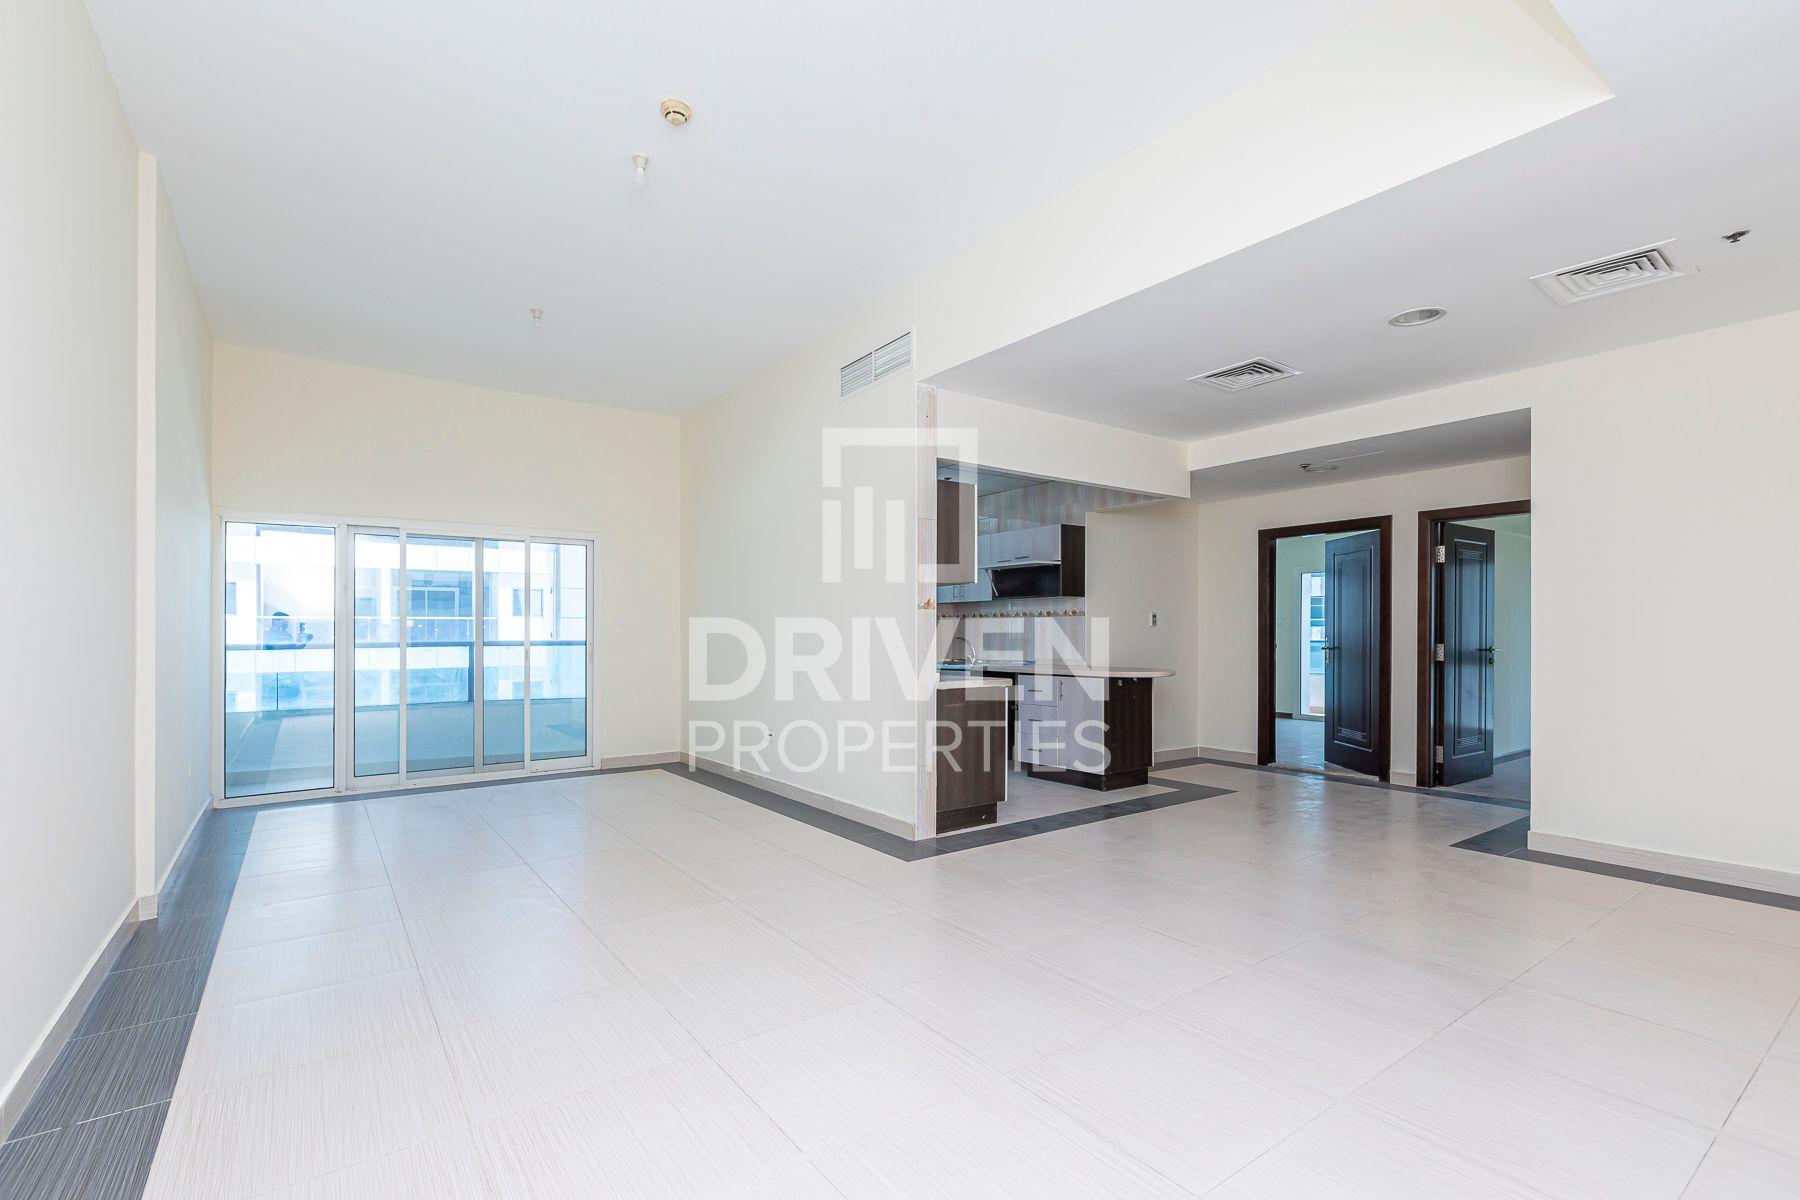 1,185 قدم مربع  شقة - للايجار - مدينة دبي الرياضية